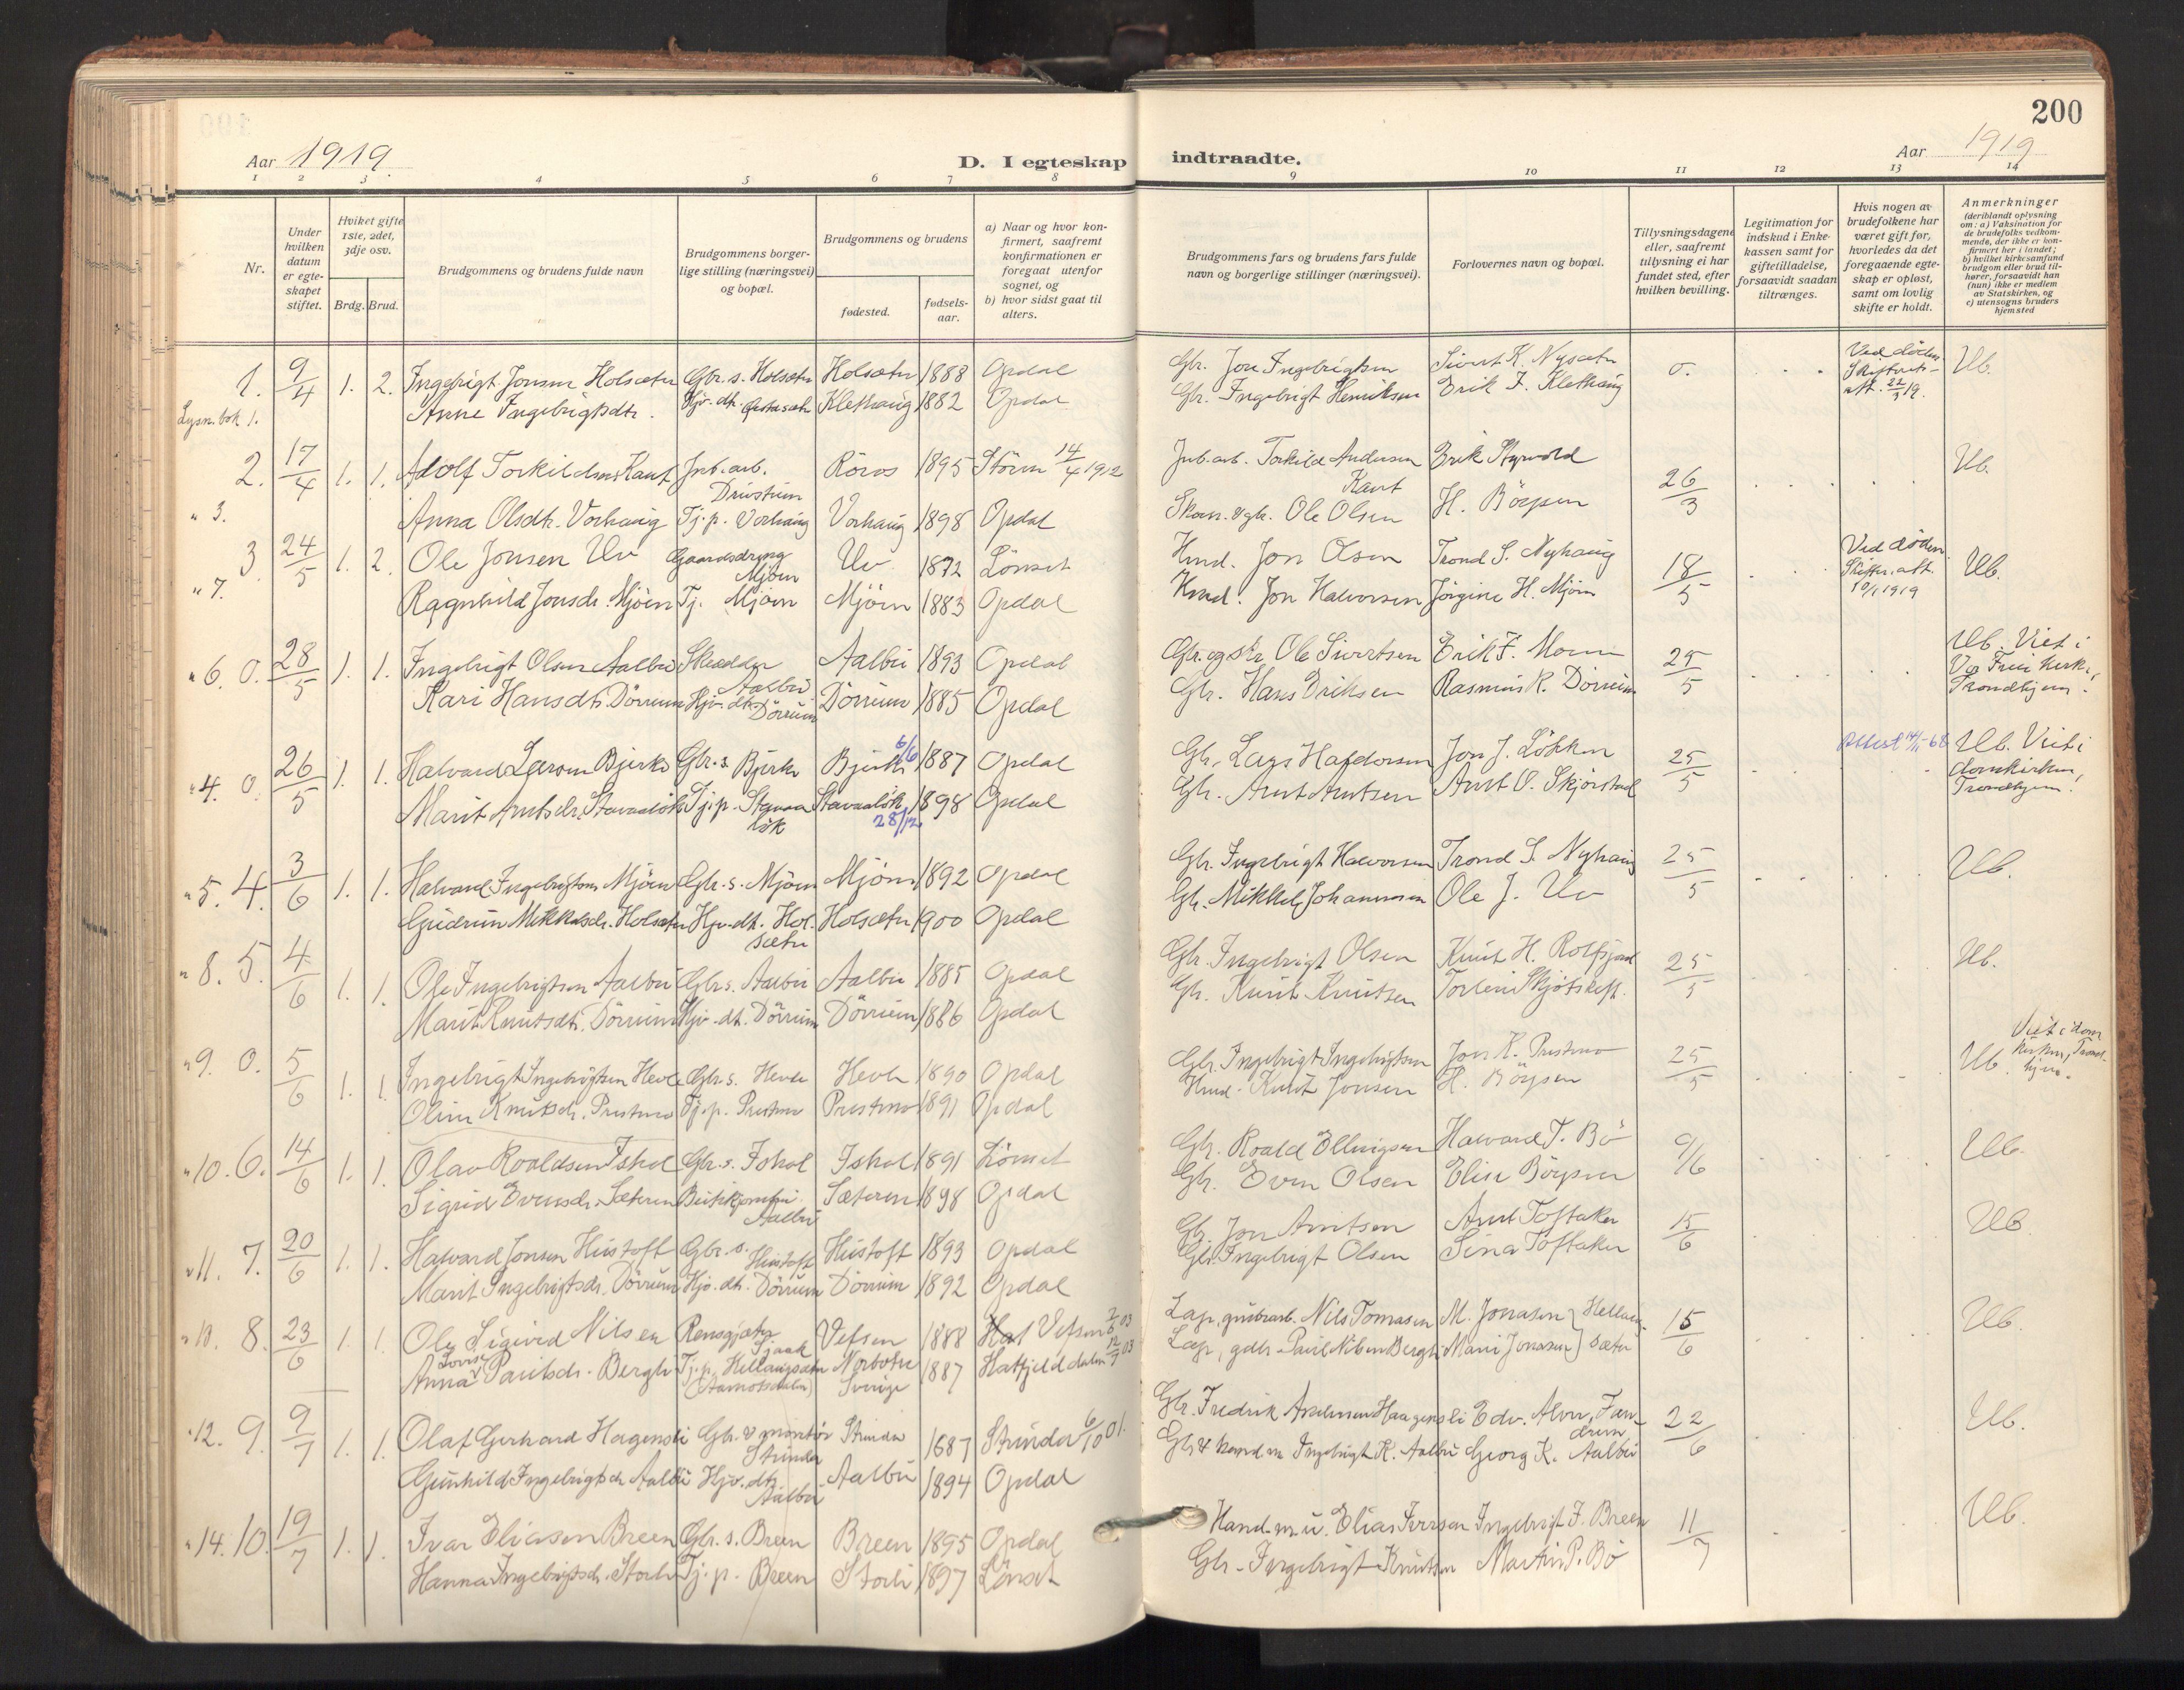 SAT, Ministerialprotokoller, klokkerbøker og fødselsregistre - Sør-Trøndelag, 678/L0909: Ministerialbok nr. 678A17, 1912-1930, s. 200